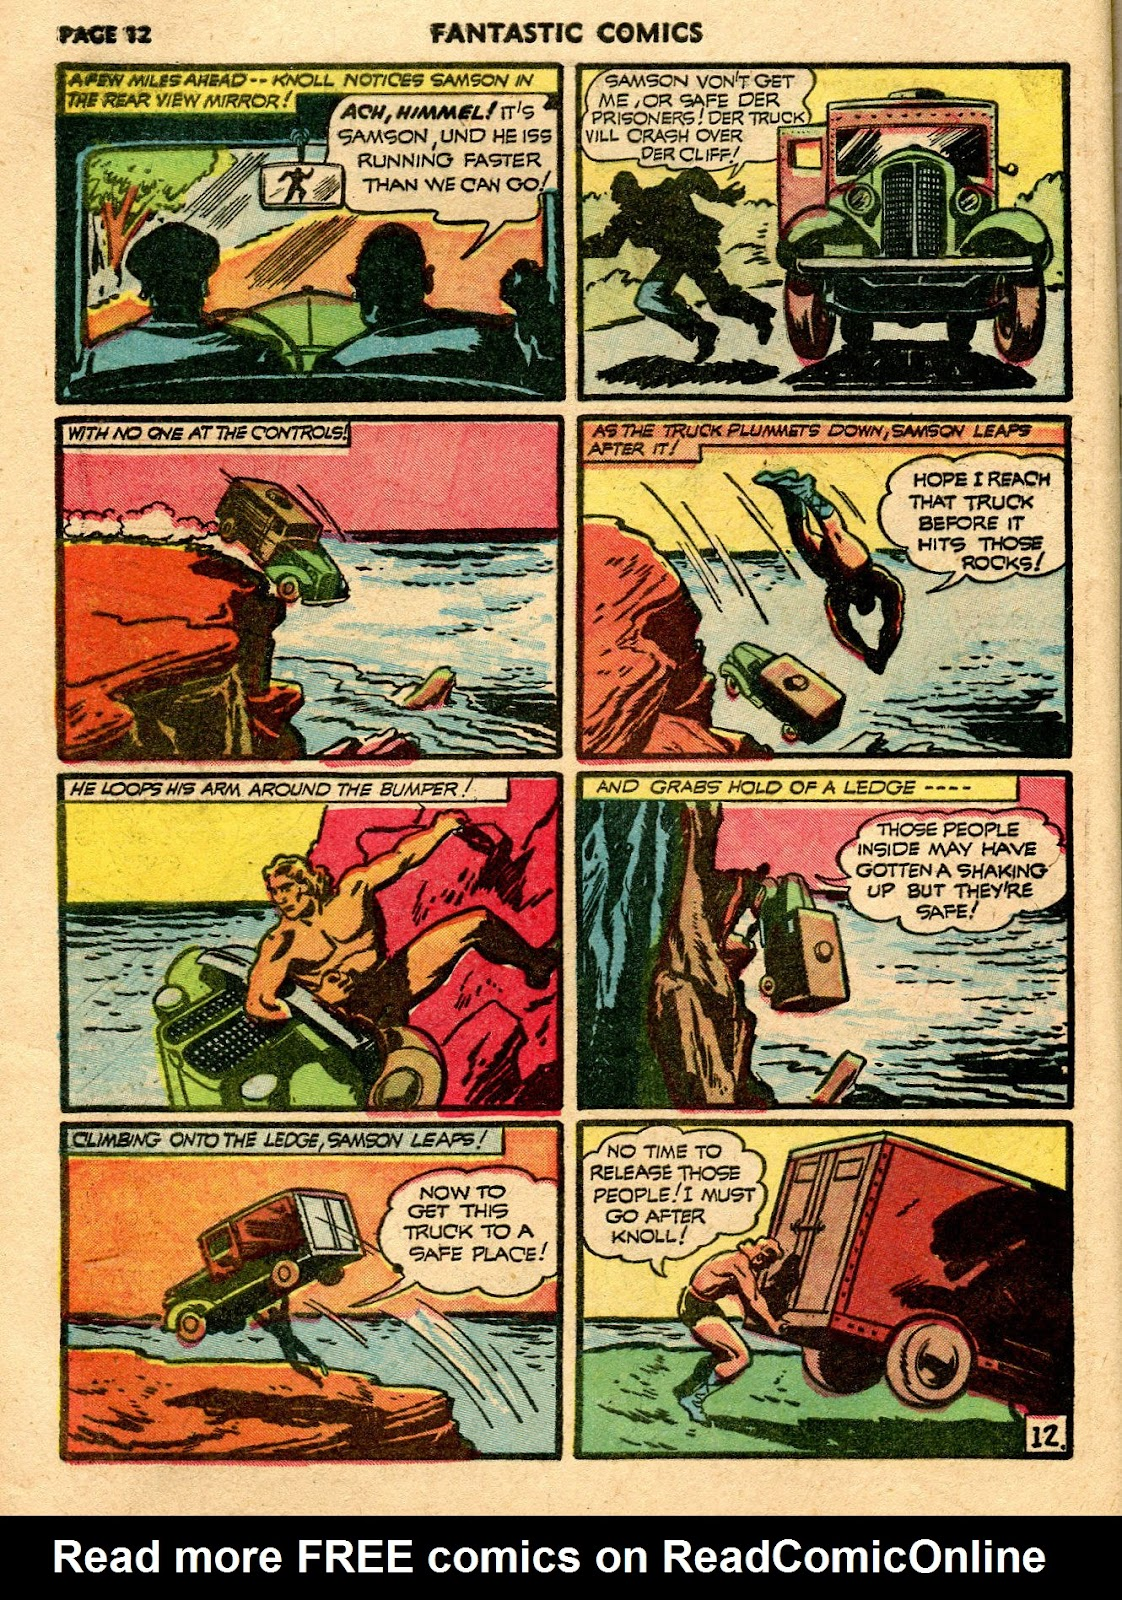 Read online Fantastic Comics comic -  Issue #21 - 14